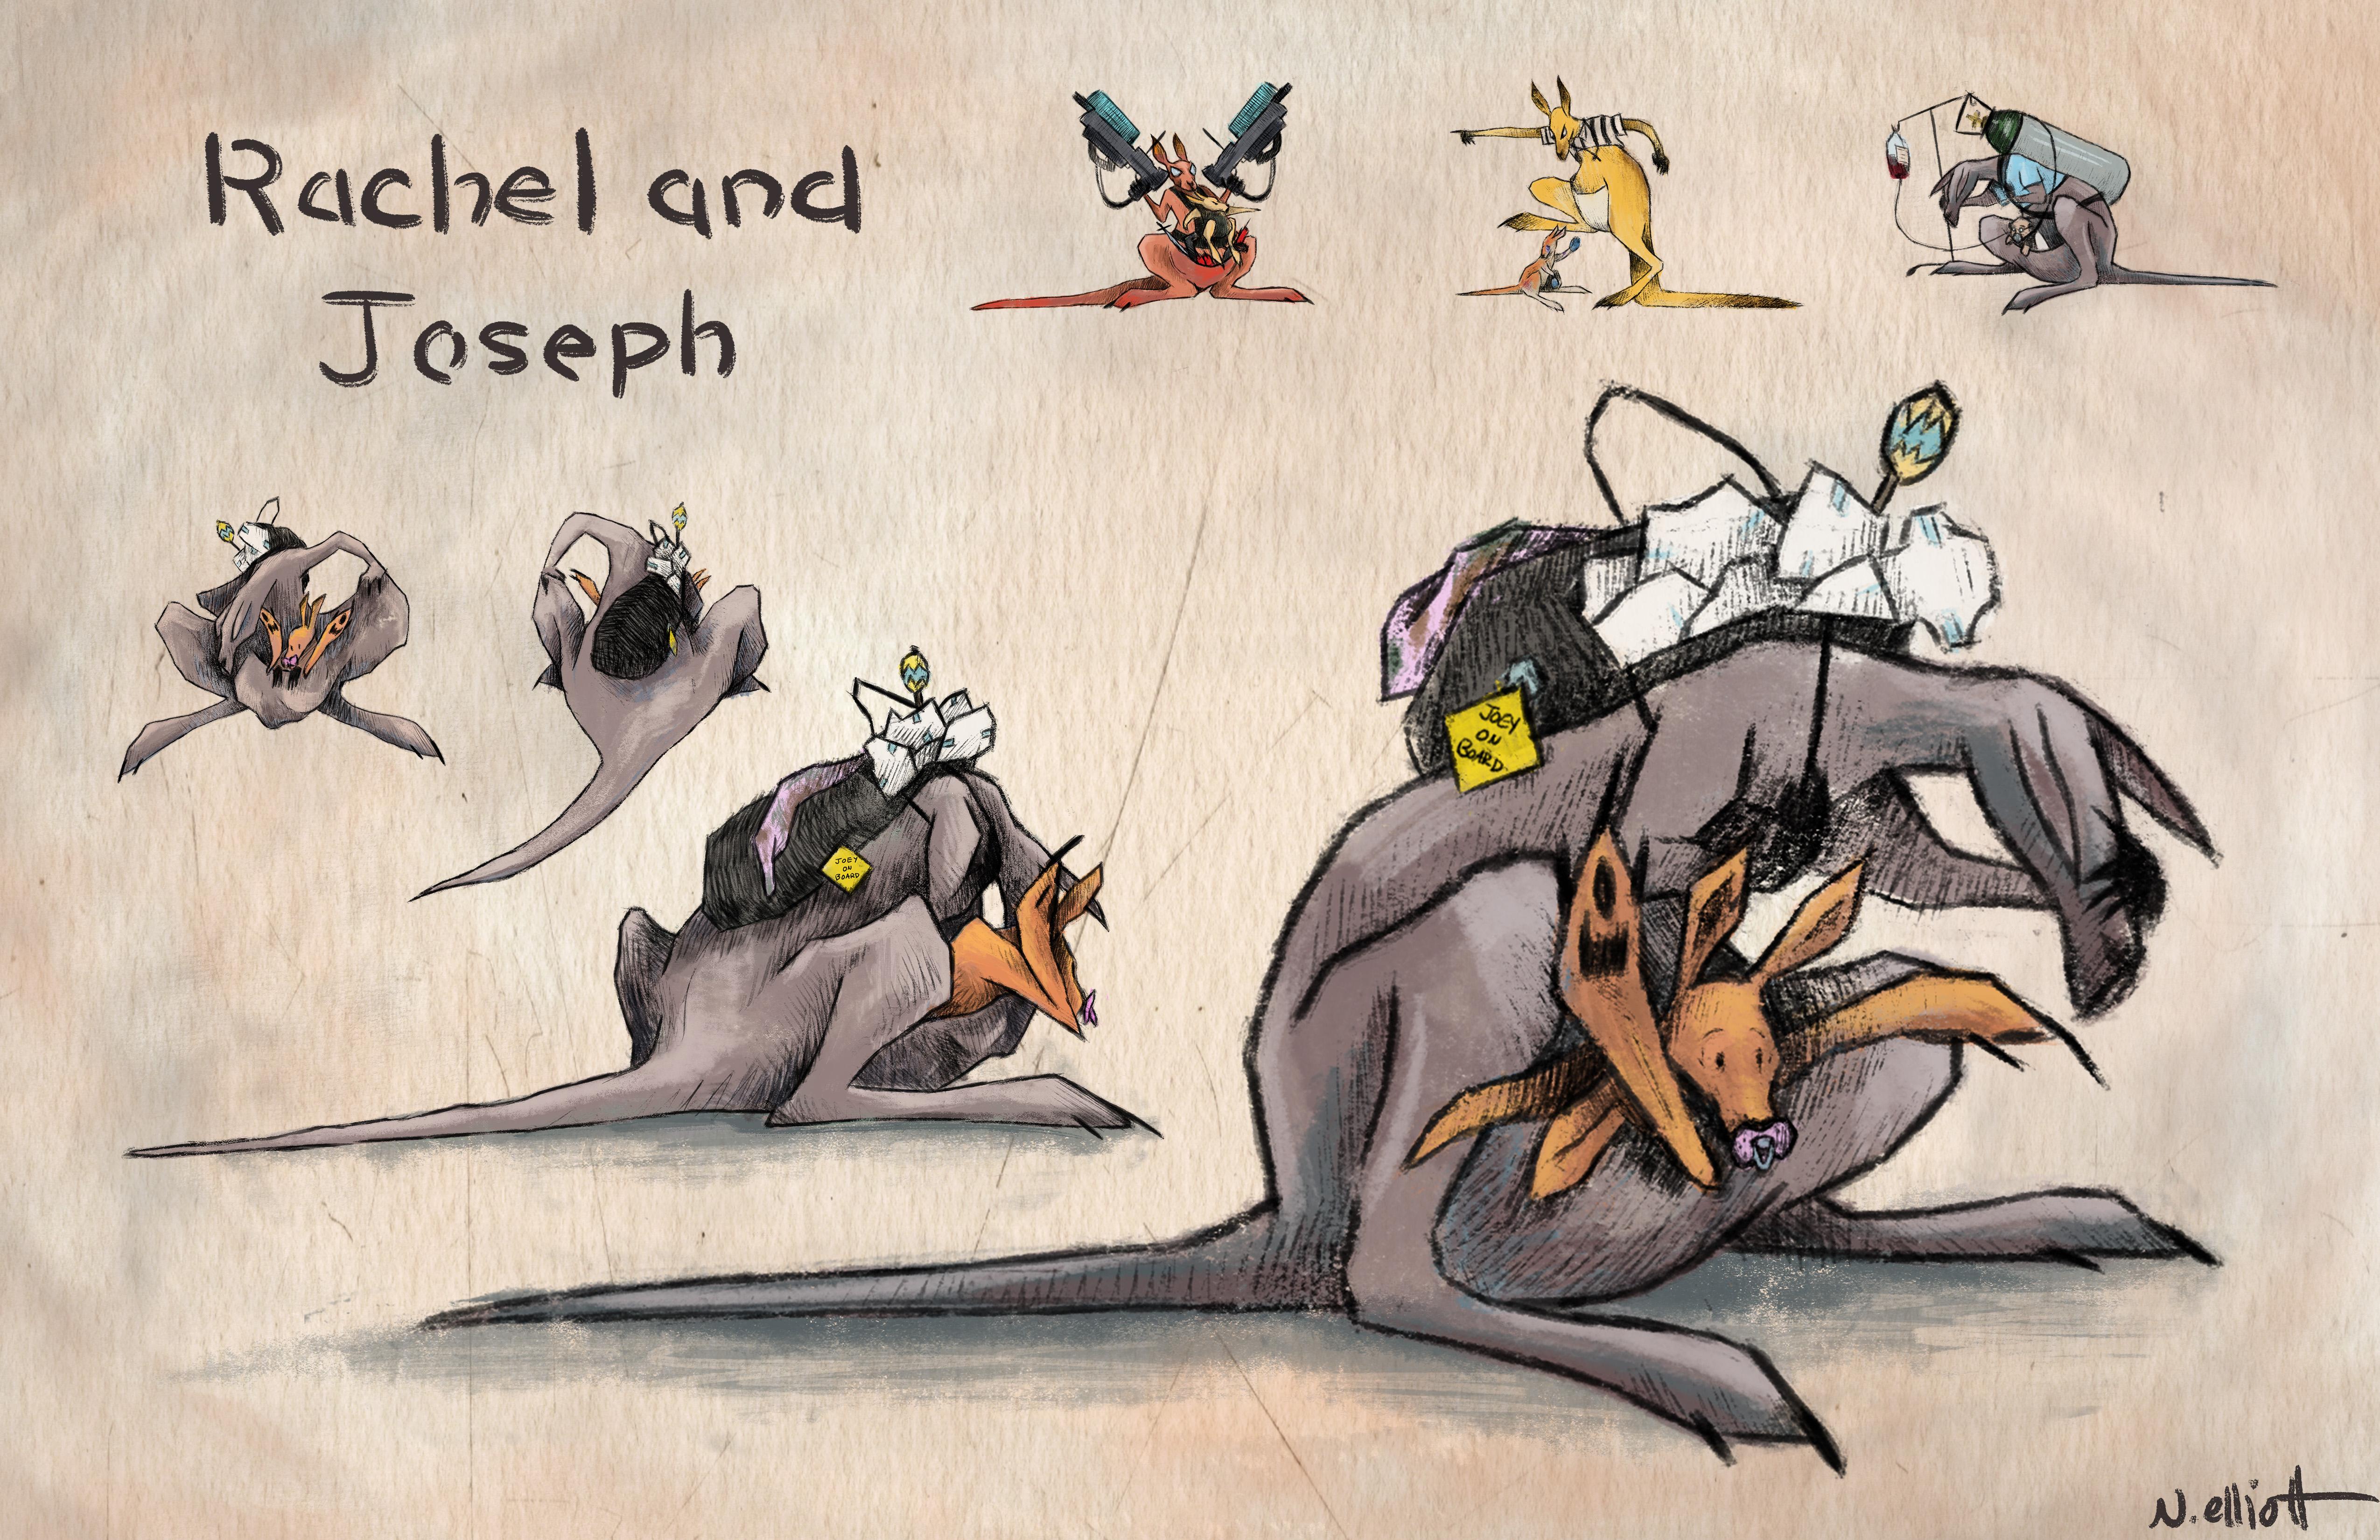 Rachel and Joseph